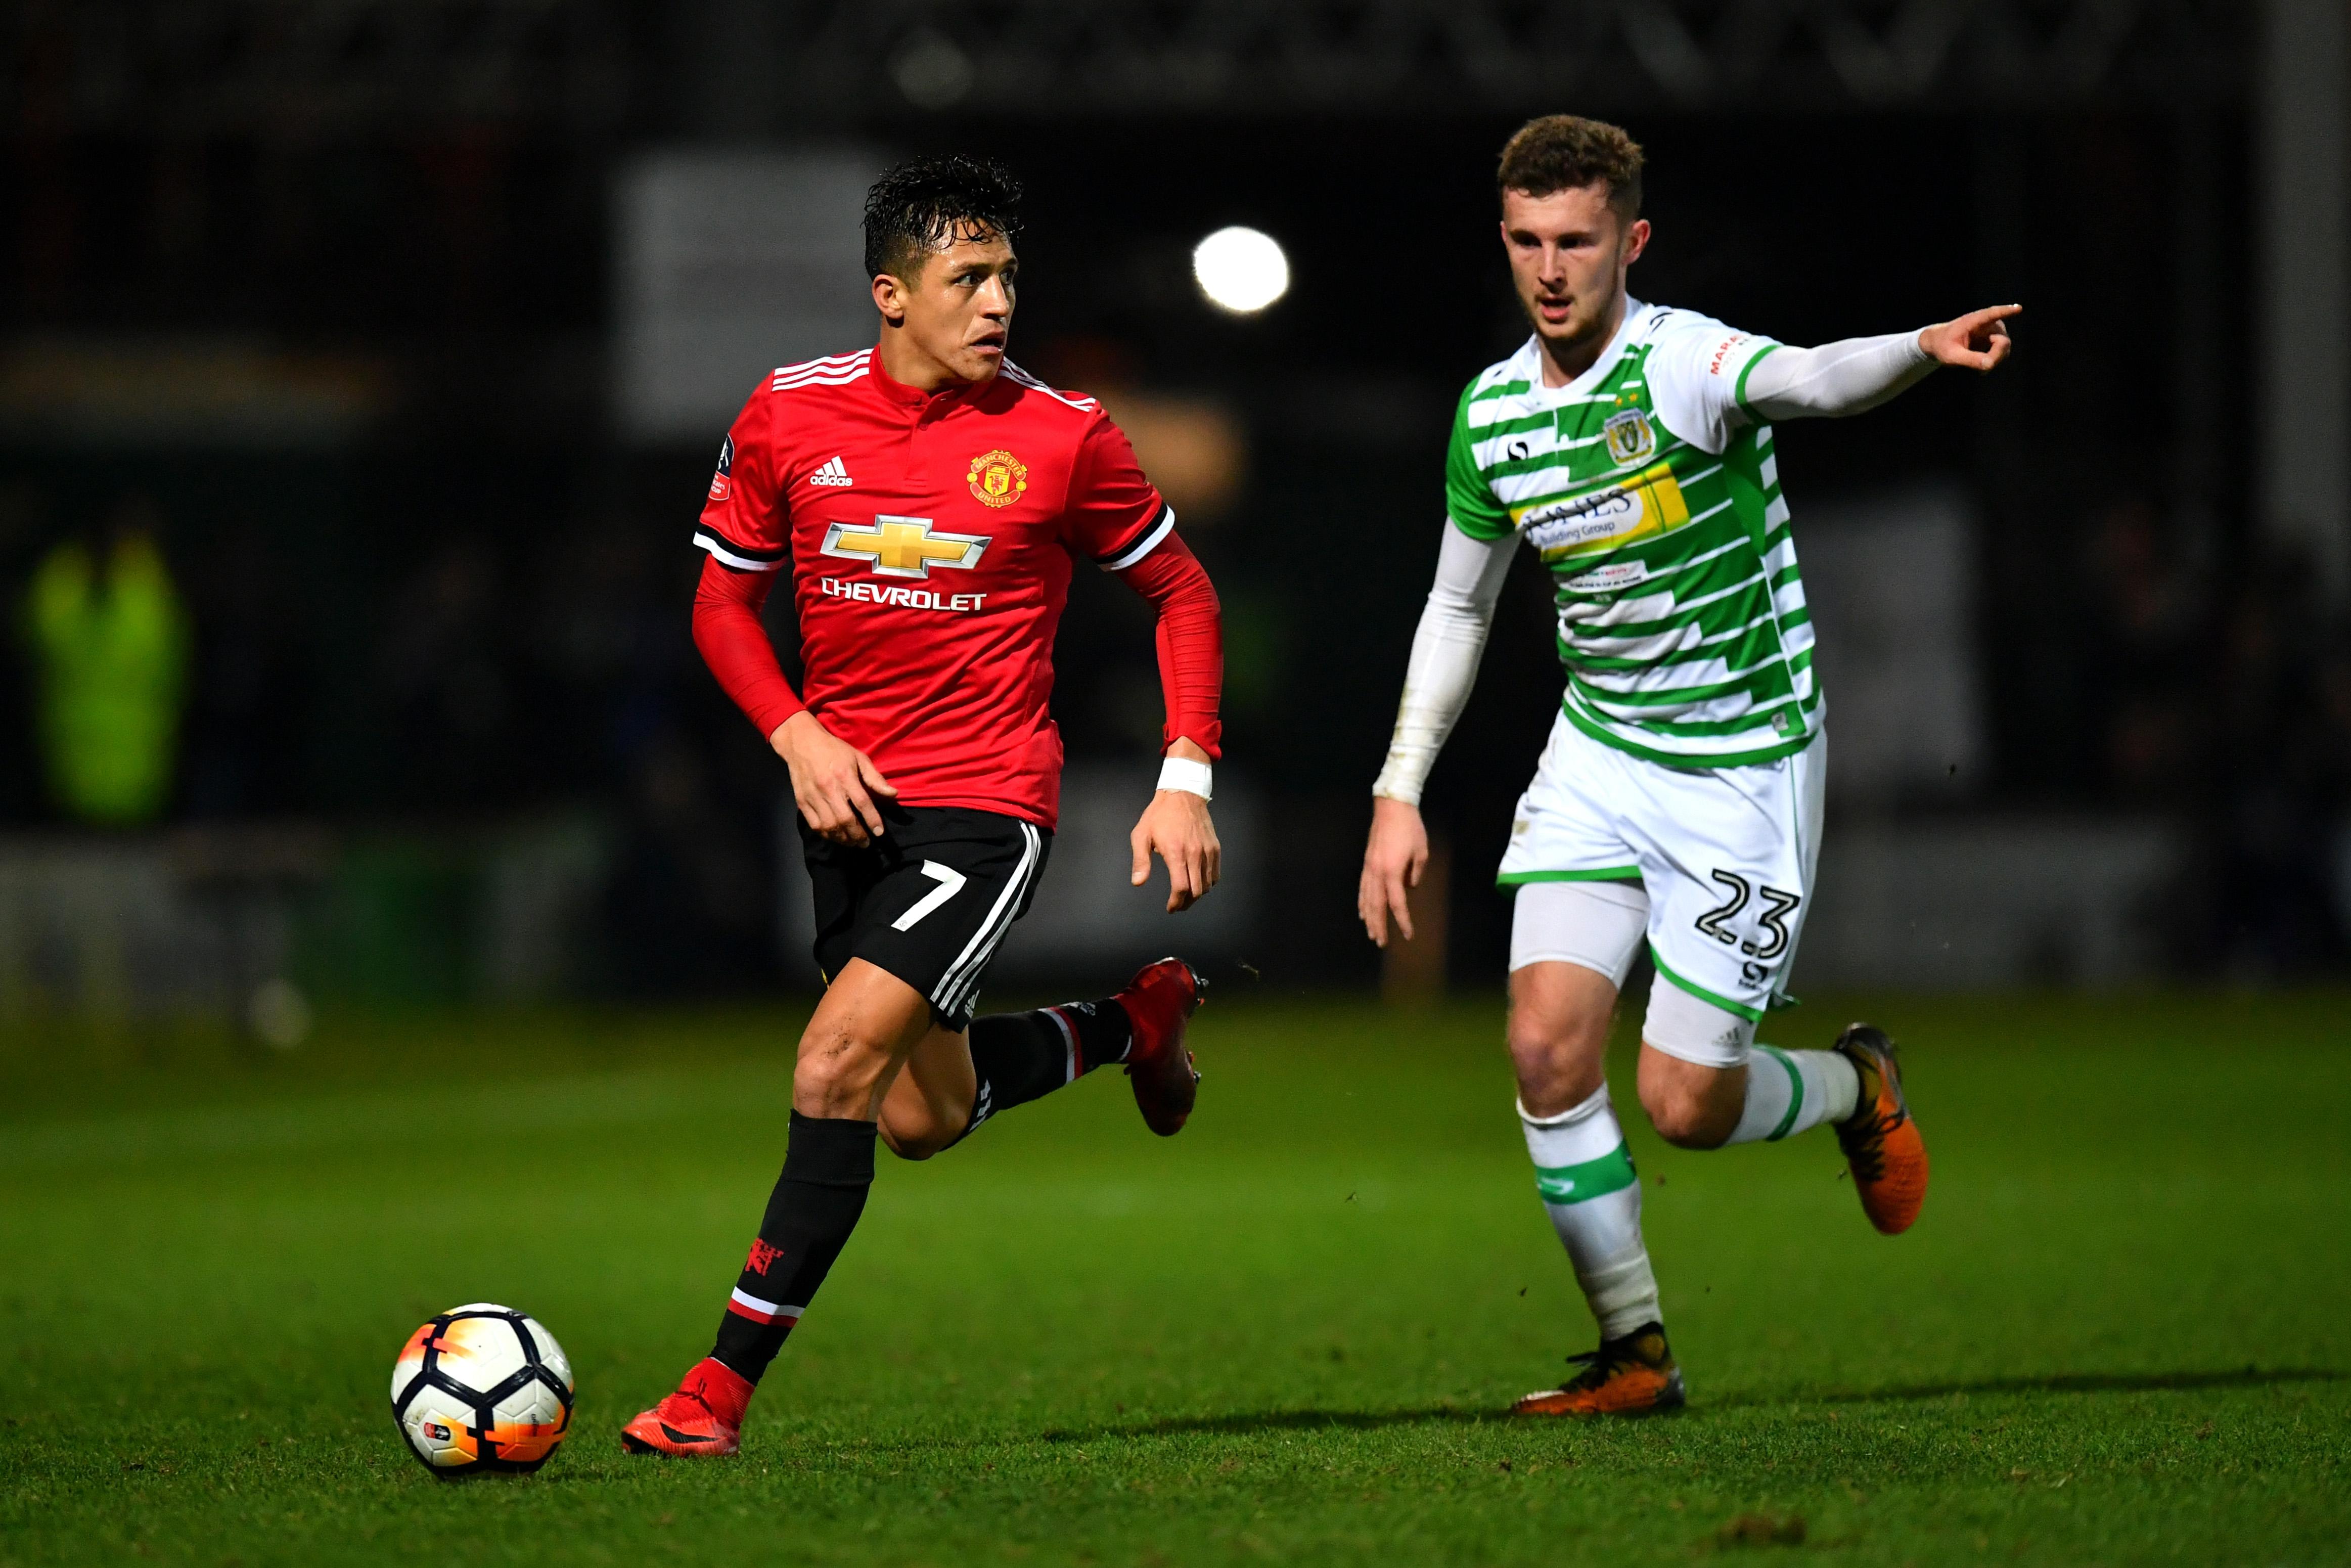 Английският гранд Манчестър Юнайтед разгроми с 4:0 като гост представителя